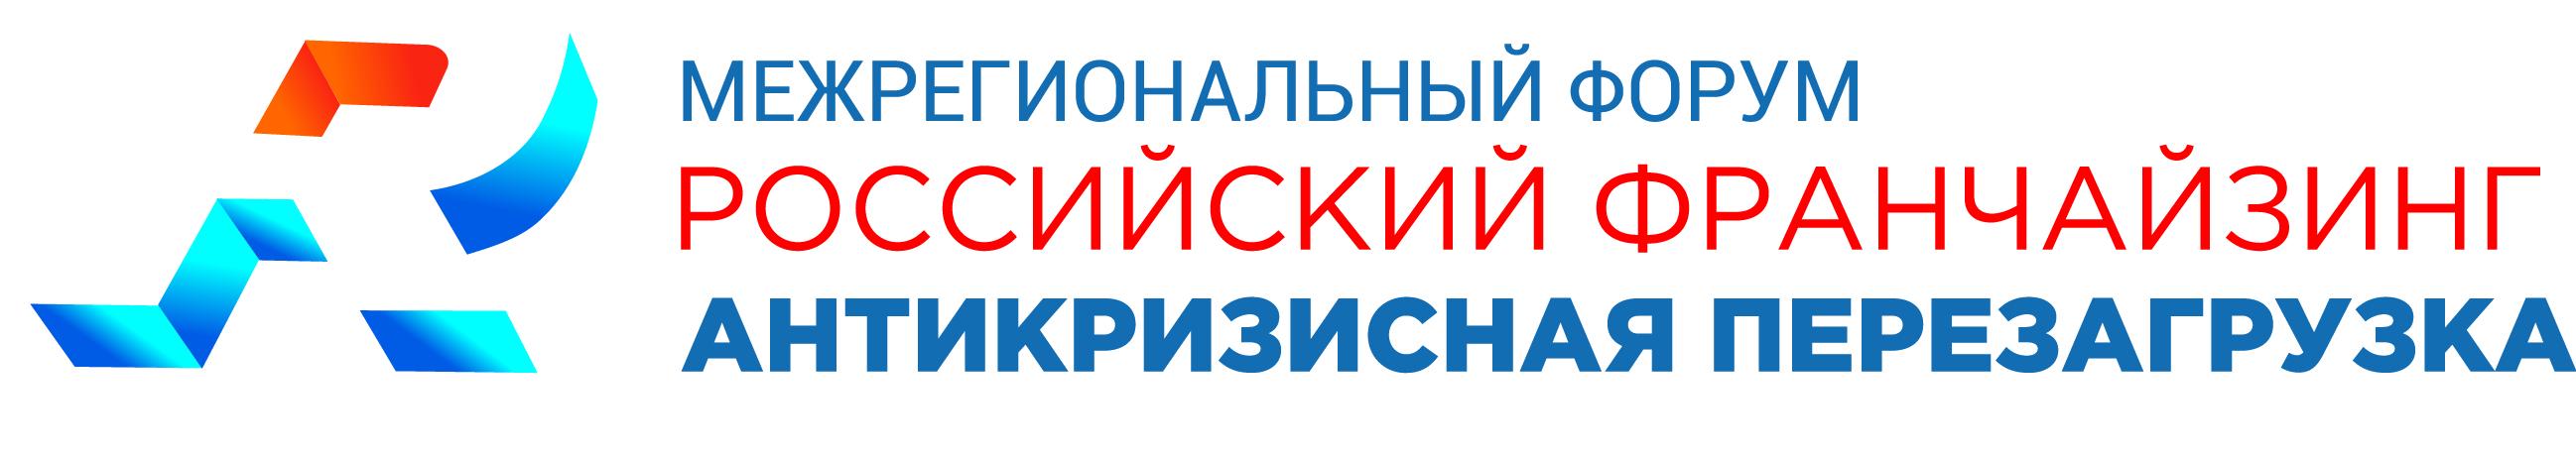 April 9 SECRET MATERIALS OF RUSSIAN FRANCHISING